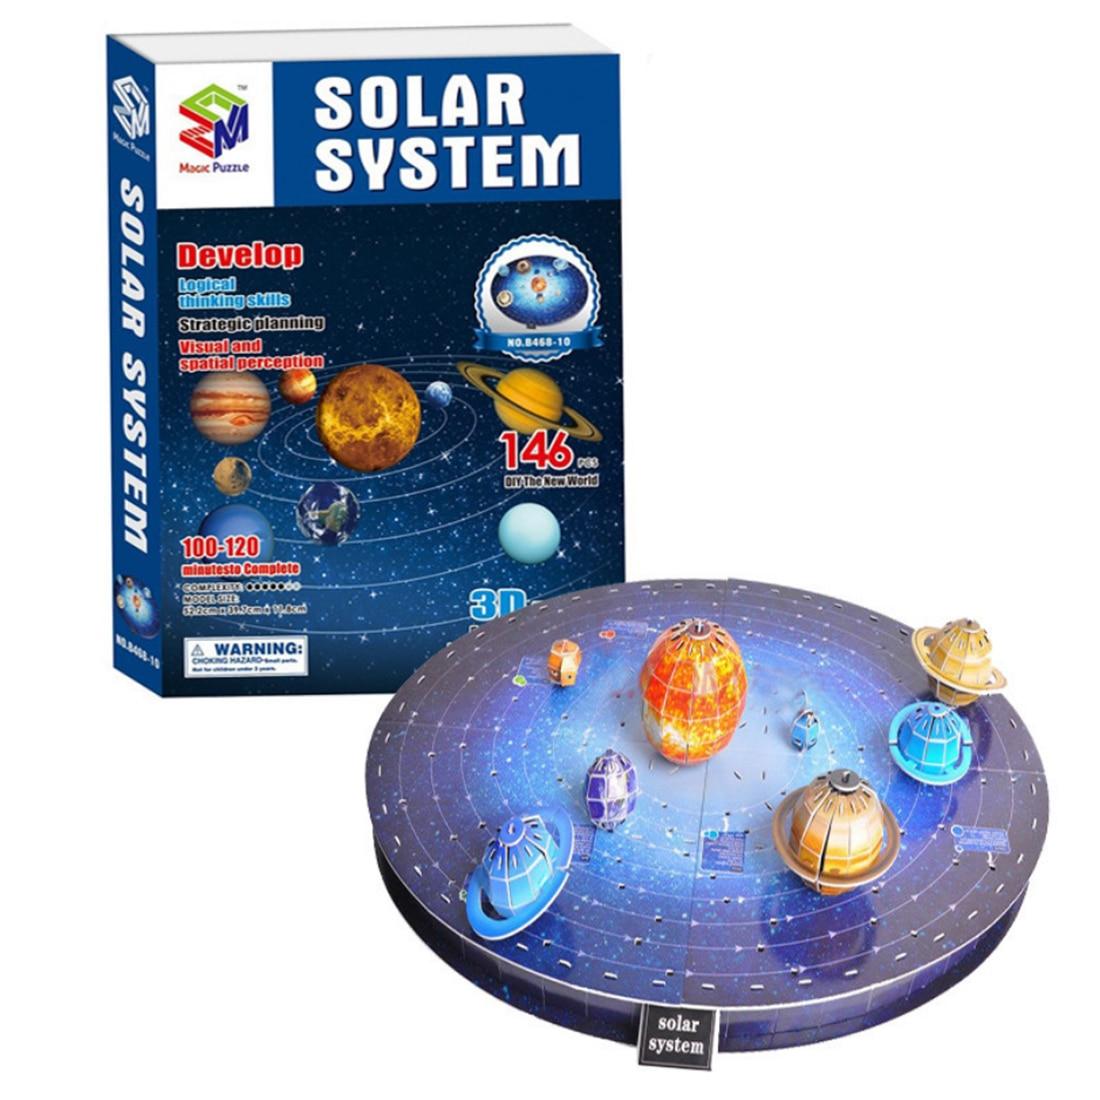 [해외]146 pcs 3d 태양계 퍼즐 세트 행성 퍼즐 보드 게임 3d 종이 diy 지그 소 퍼즐 장난감 3d 나무 퍼즐 장난감 모델/146 pcs 3d 태양계 퍼즐 세트 행성 퍼즐 보드 게임 3d 종이 diy 지그 소 퍼즐 장난감 3d 나무 퍼즐 장